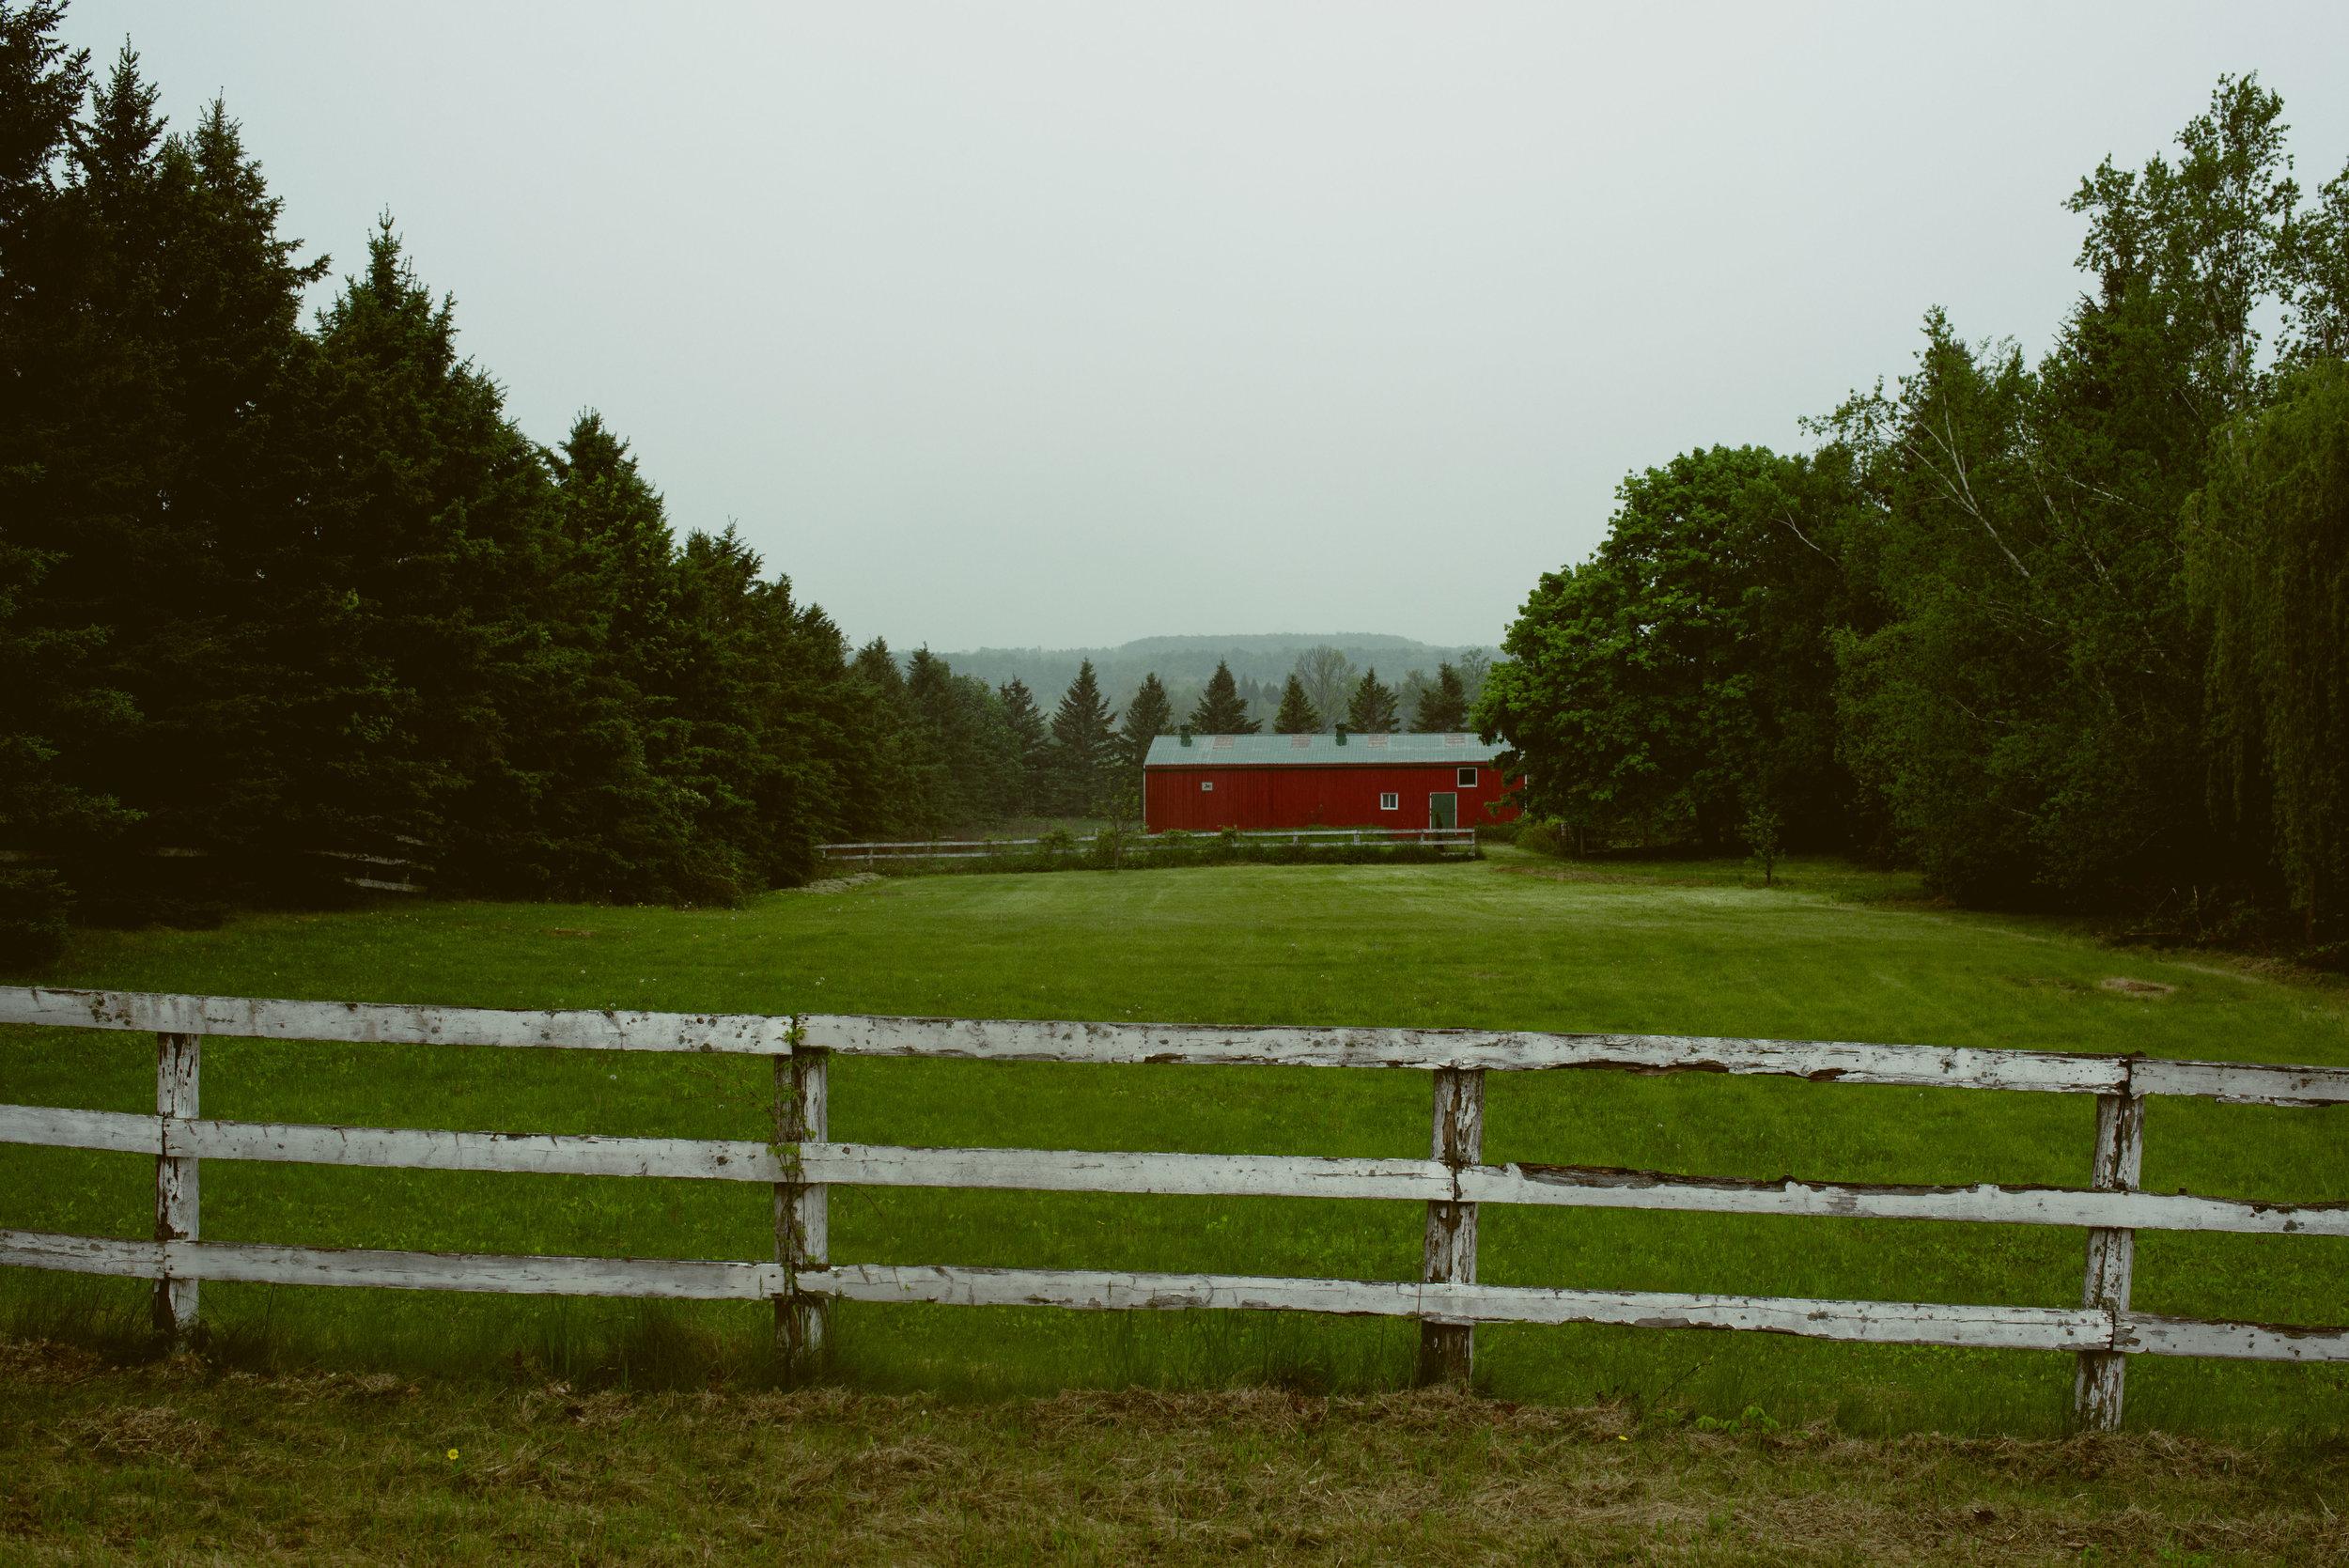 ryan thompson creative photography - farm house 1